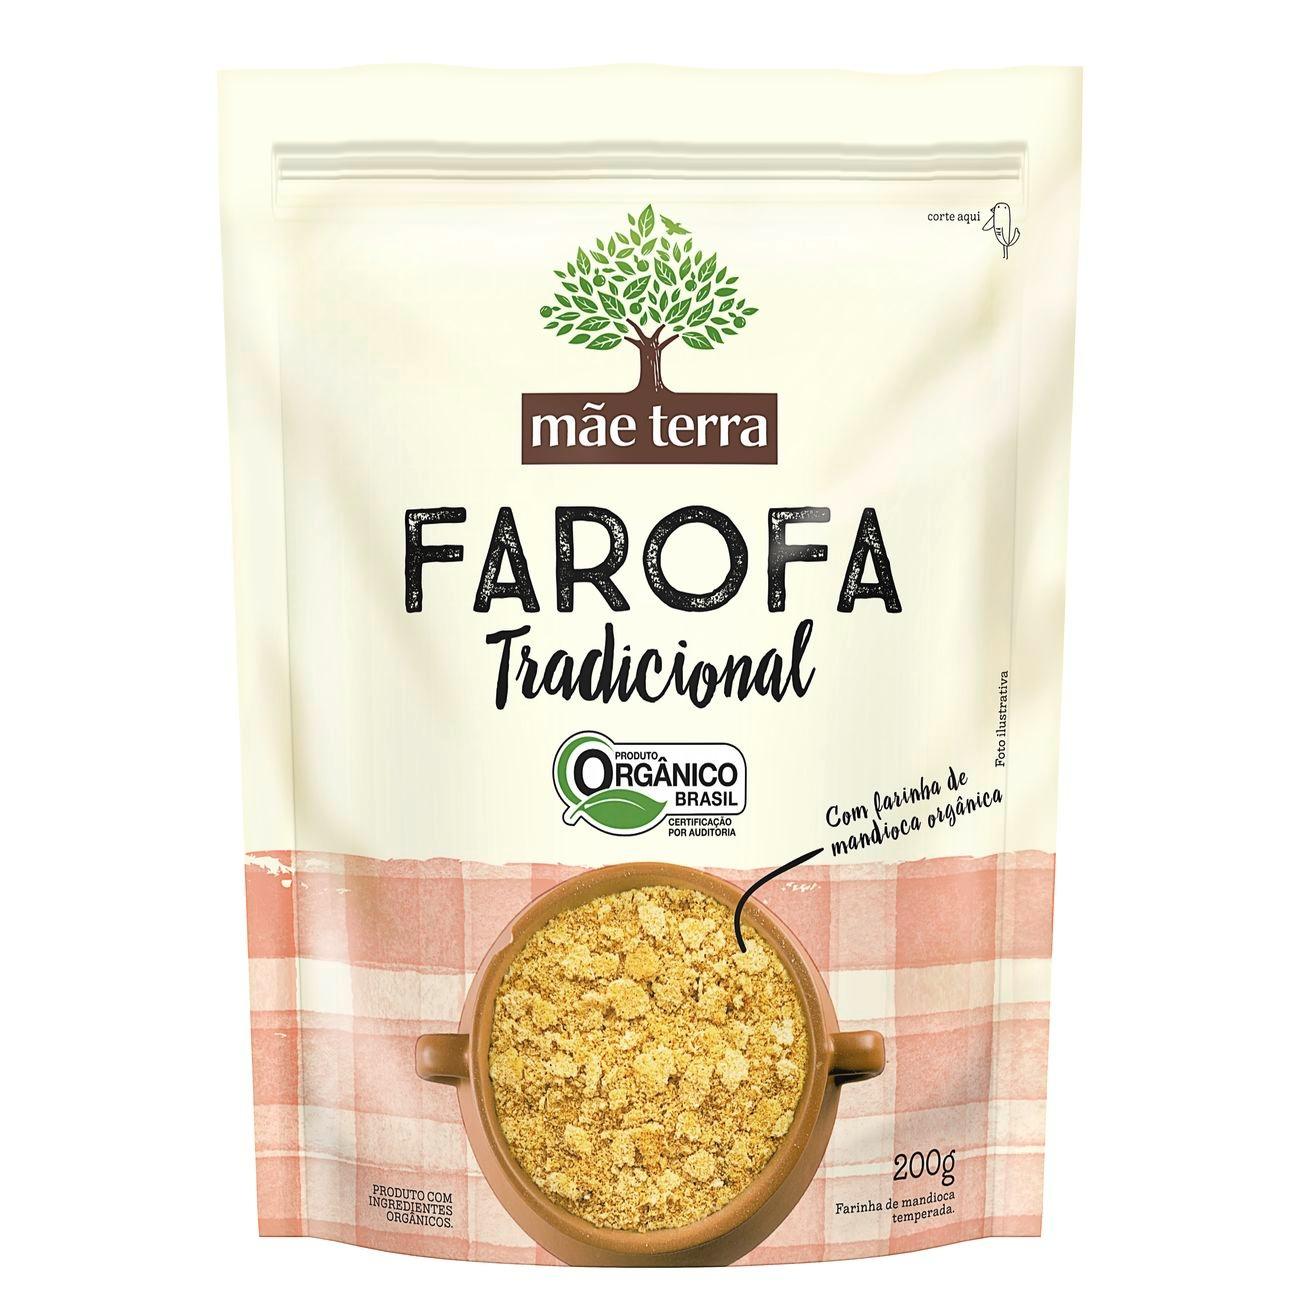 Farofa de Mandioca Orgânica Tradicional Mãe Terra Pacote 200g